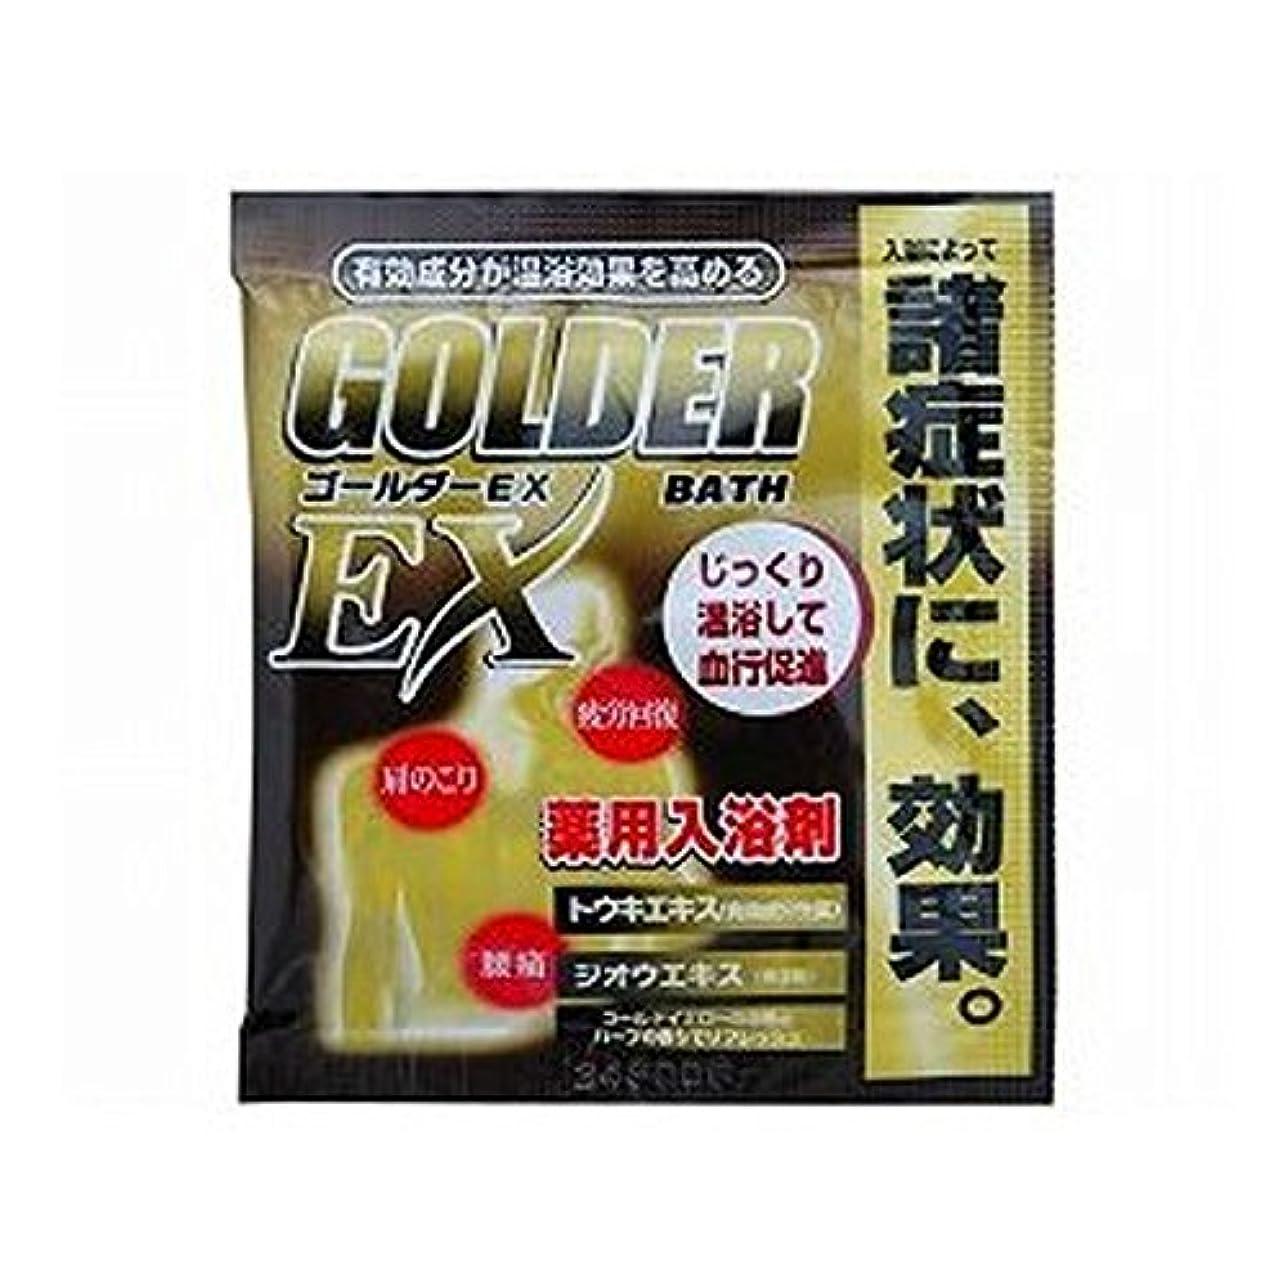 憲法疑い者大きいゴールダーEX 25g(入浴剤)